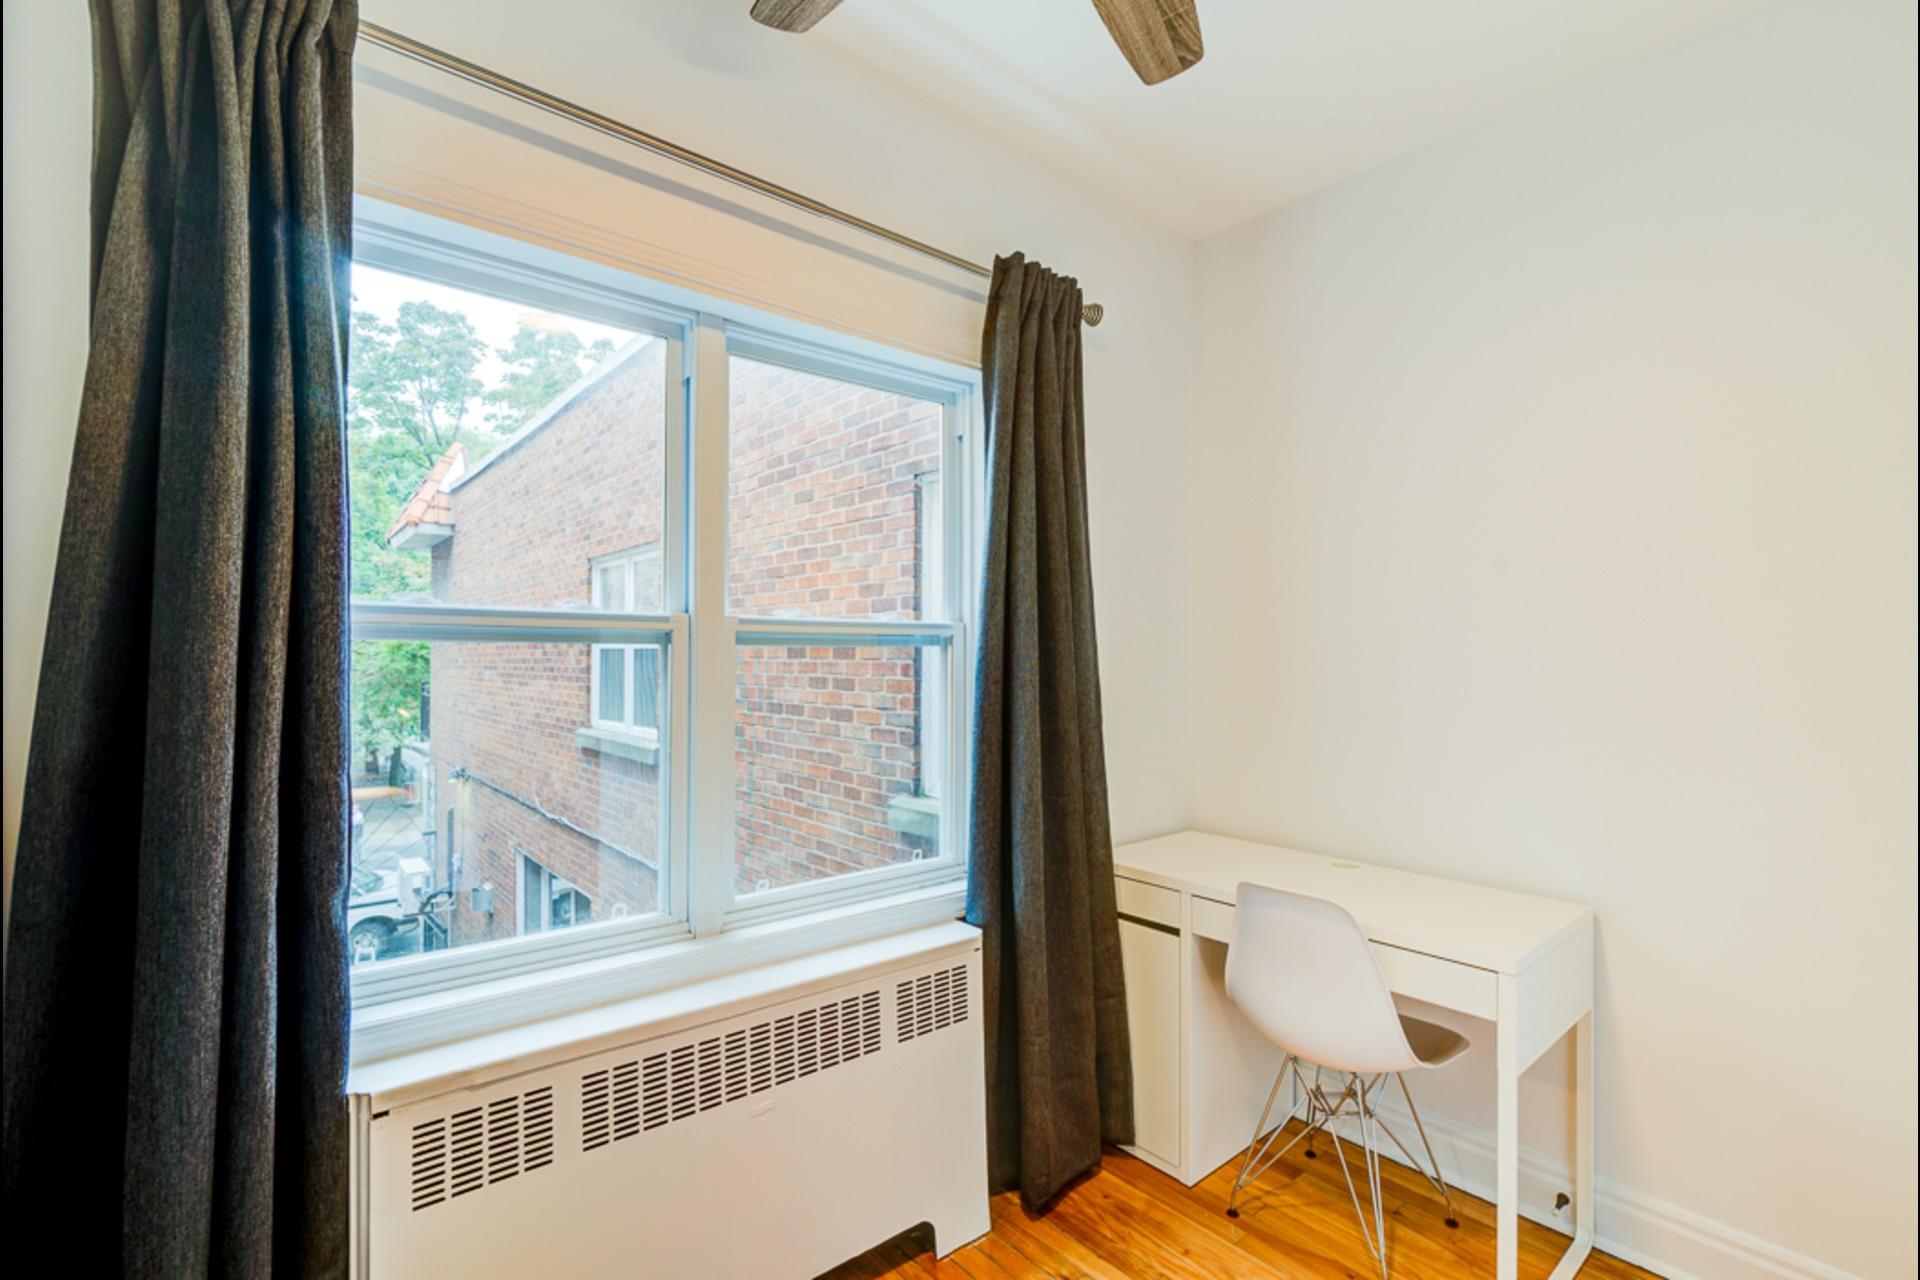 image 16 - House For rent Montréal